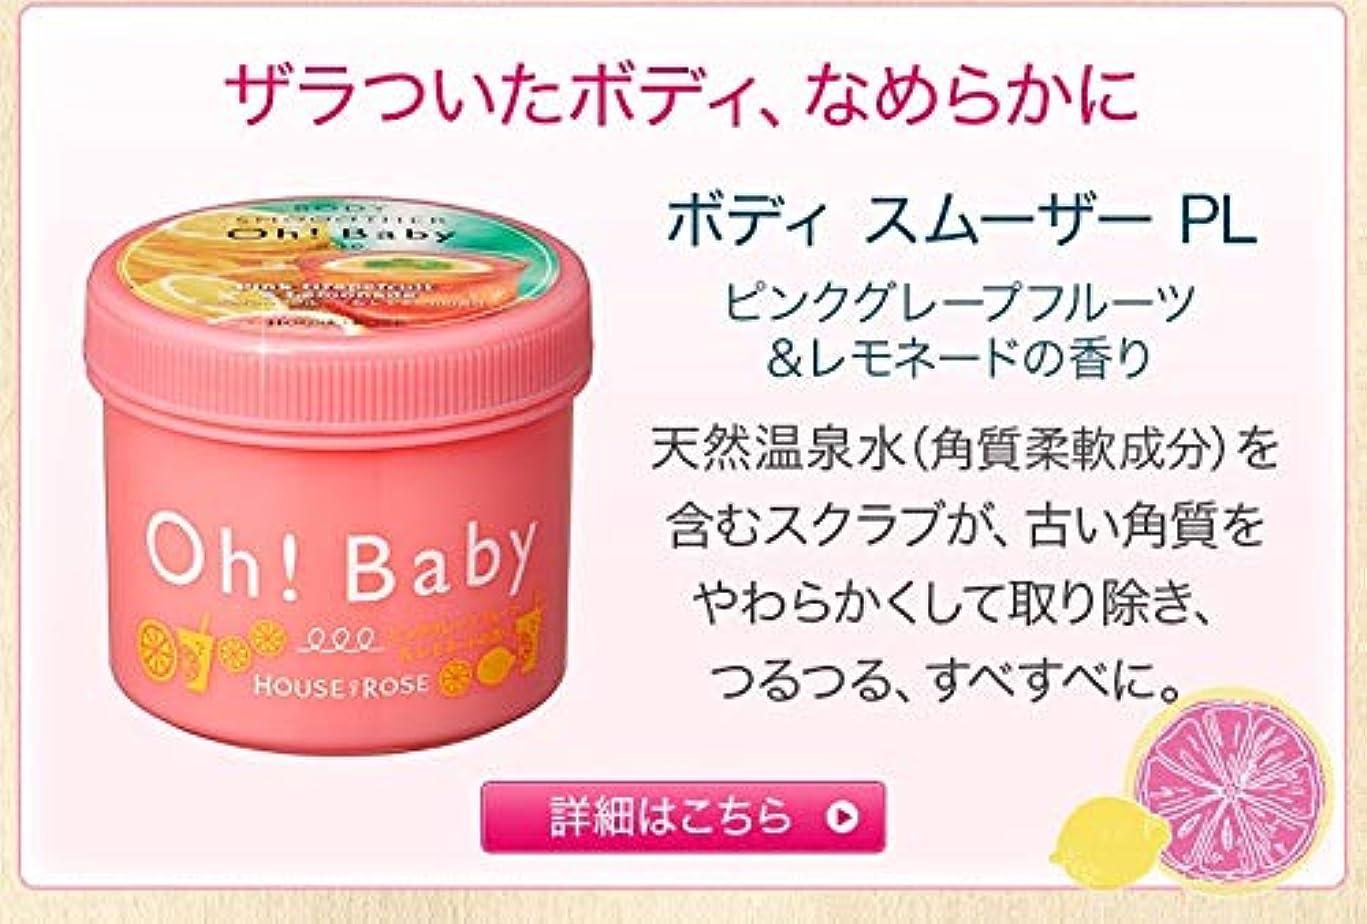 レディ鈍いちらつきHOUSE OF ROSE(ハウスオブローゼ) ボディ スムーザー PL(ピンクグレープフルーツ&レモネードの香り)350g